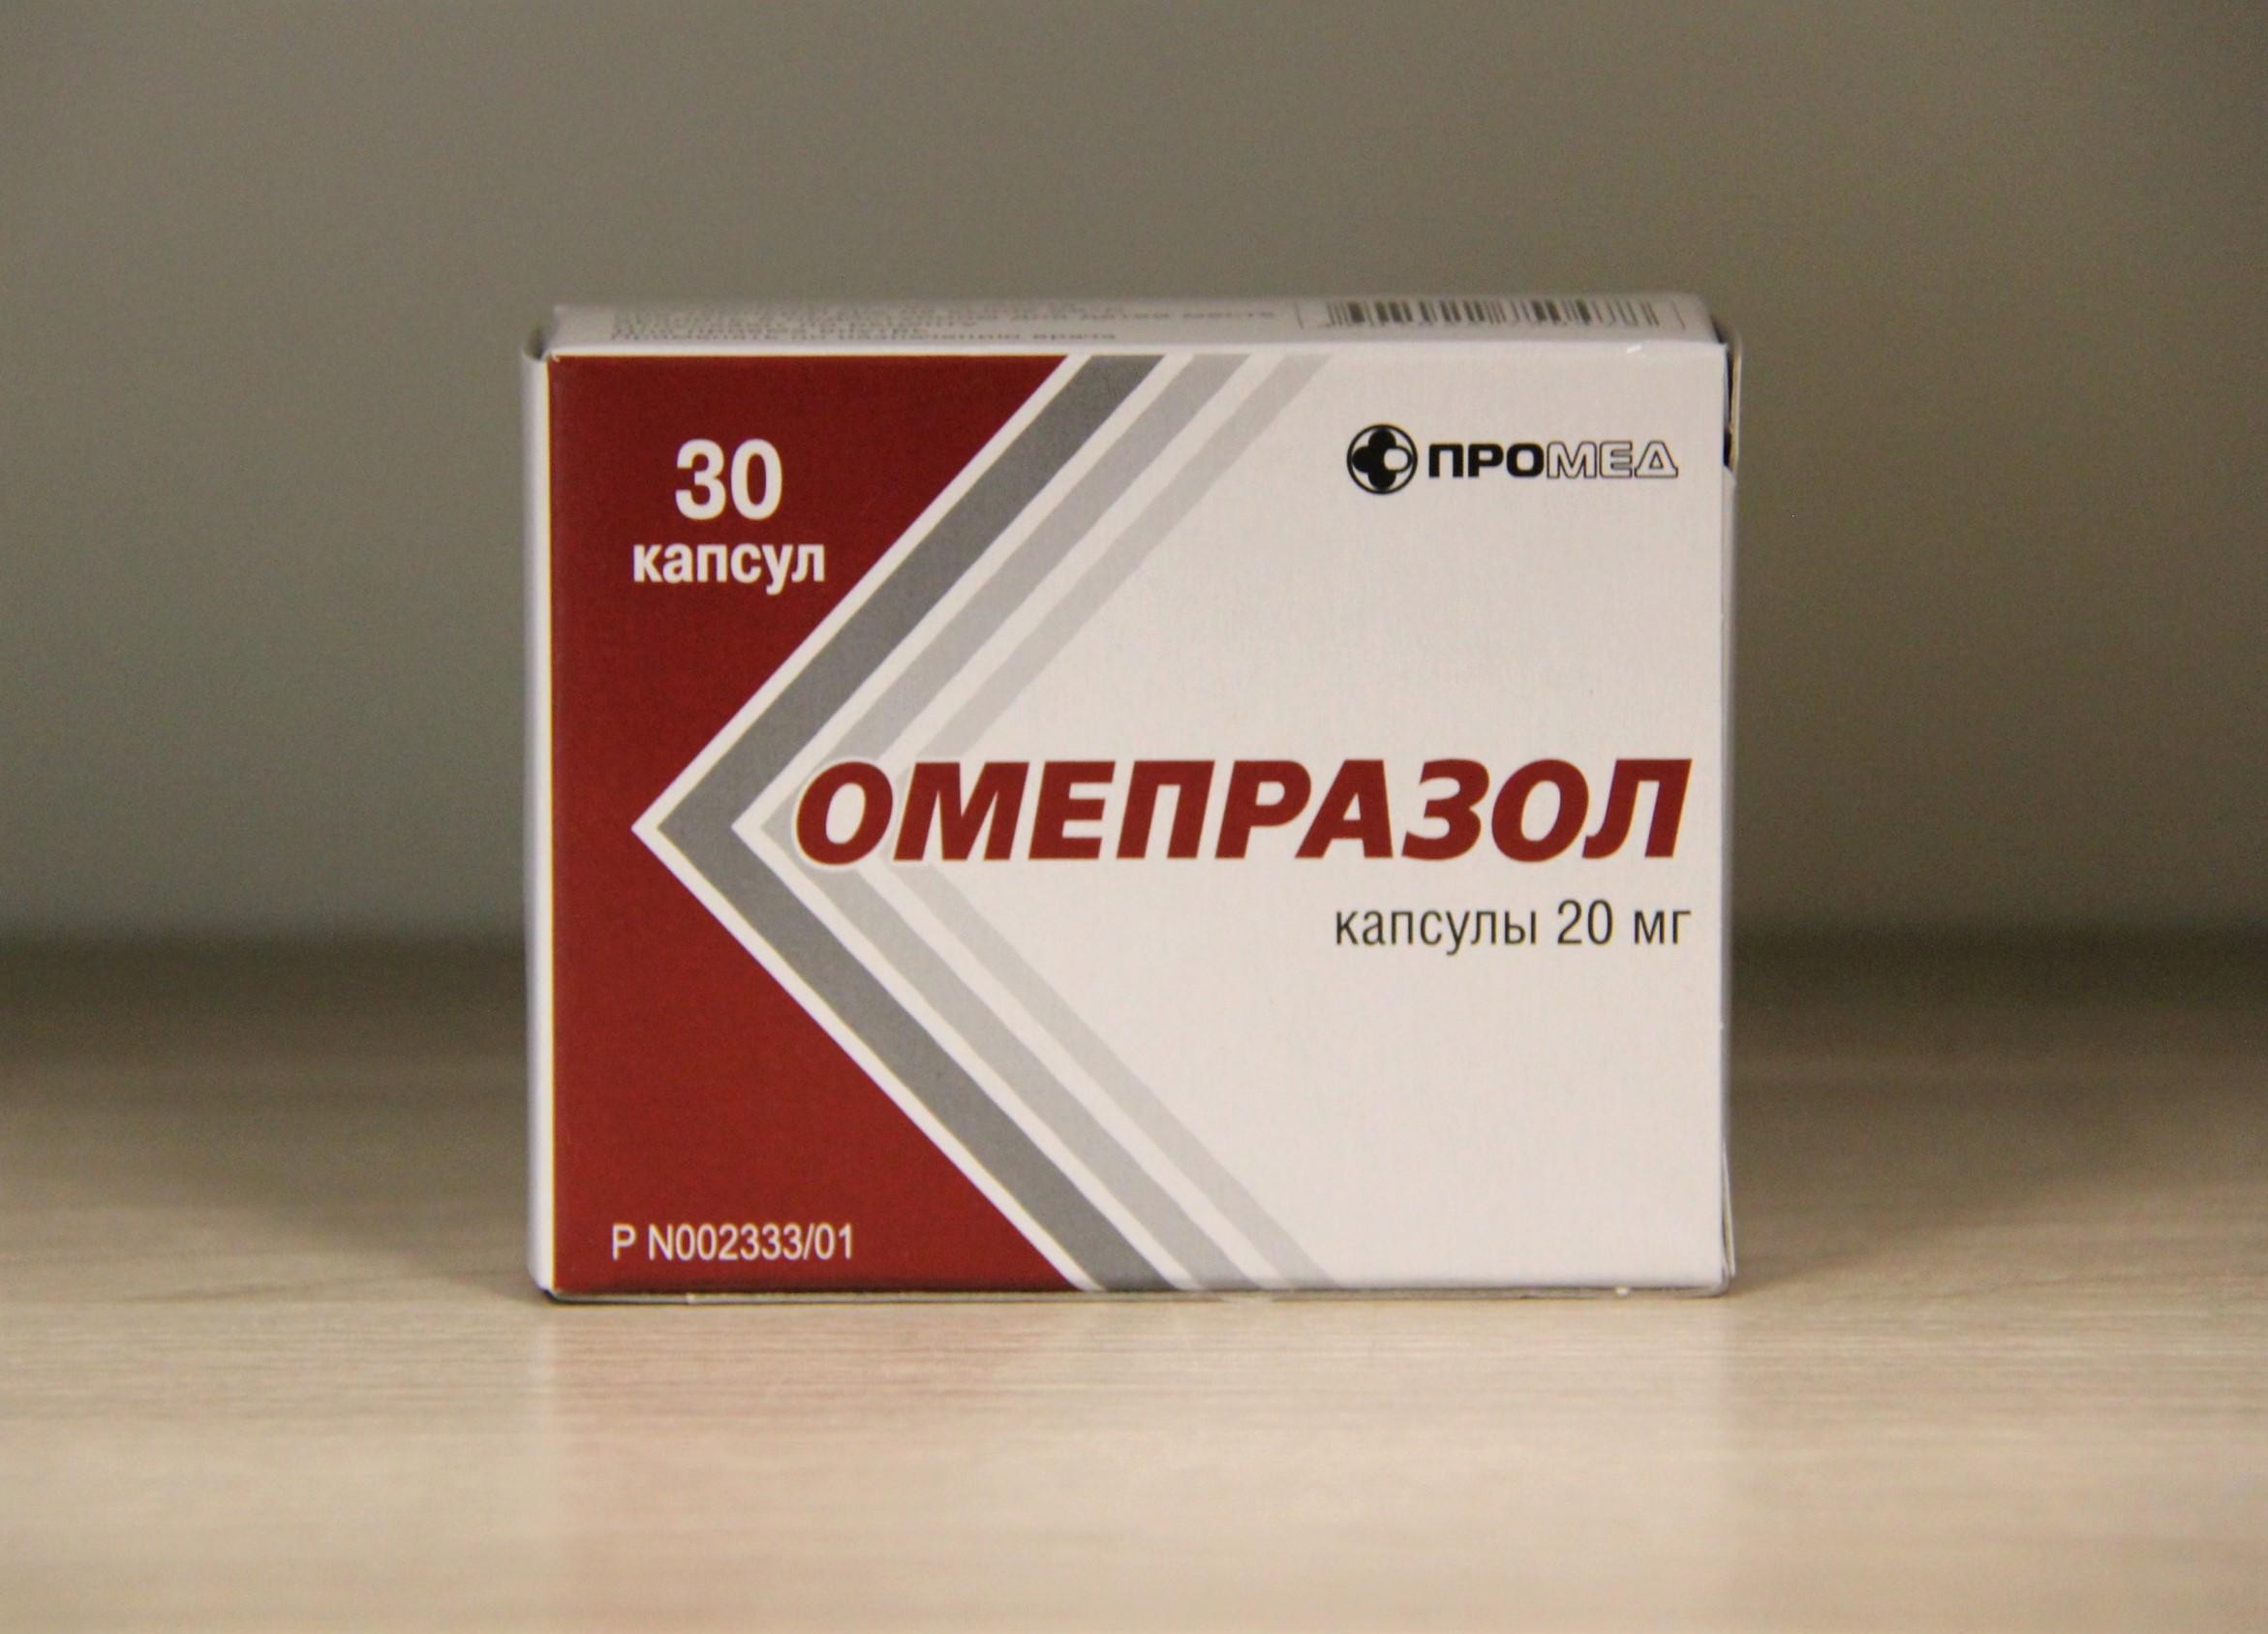 омепразол 20 мг для чего назначают